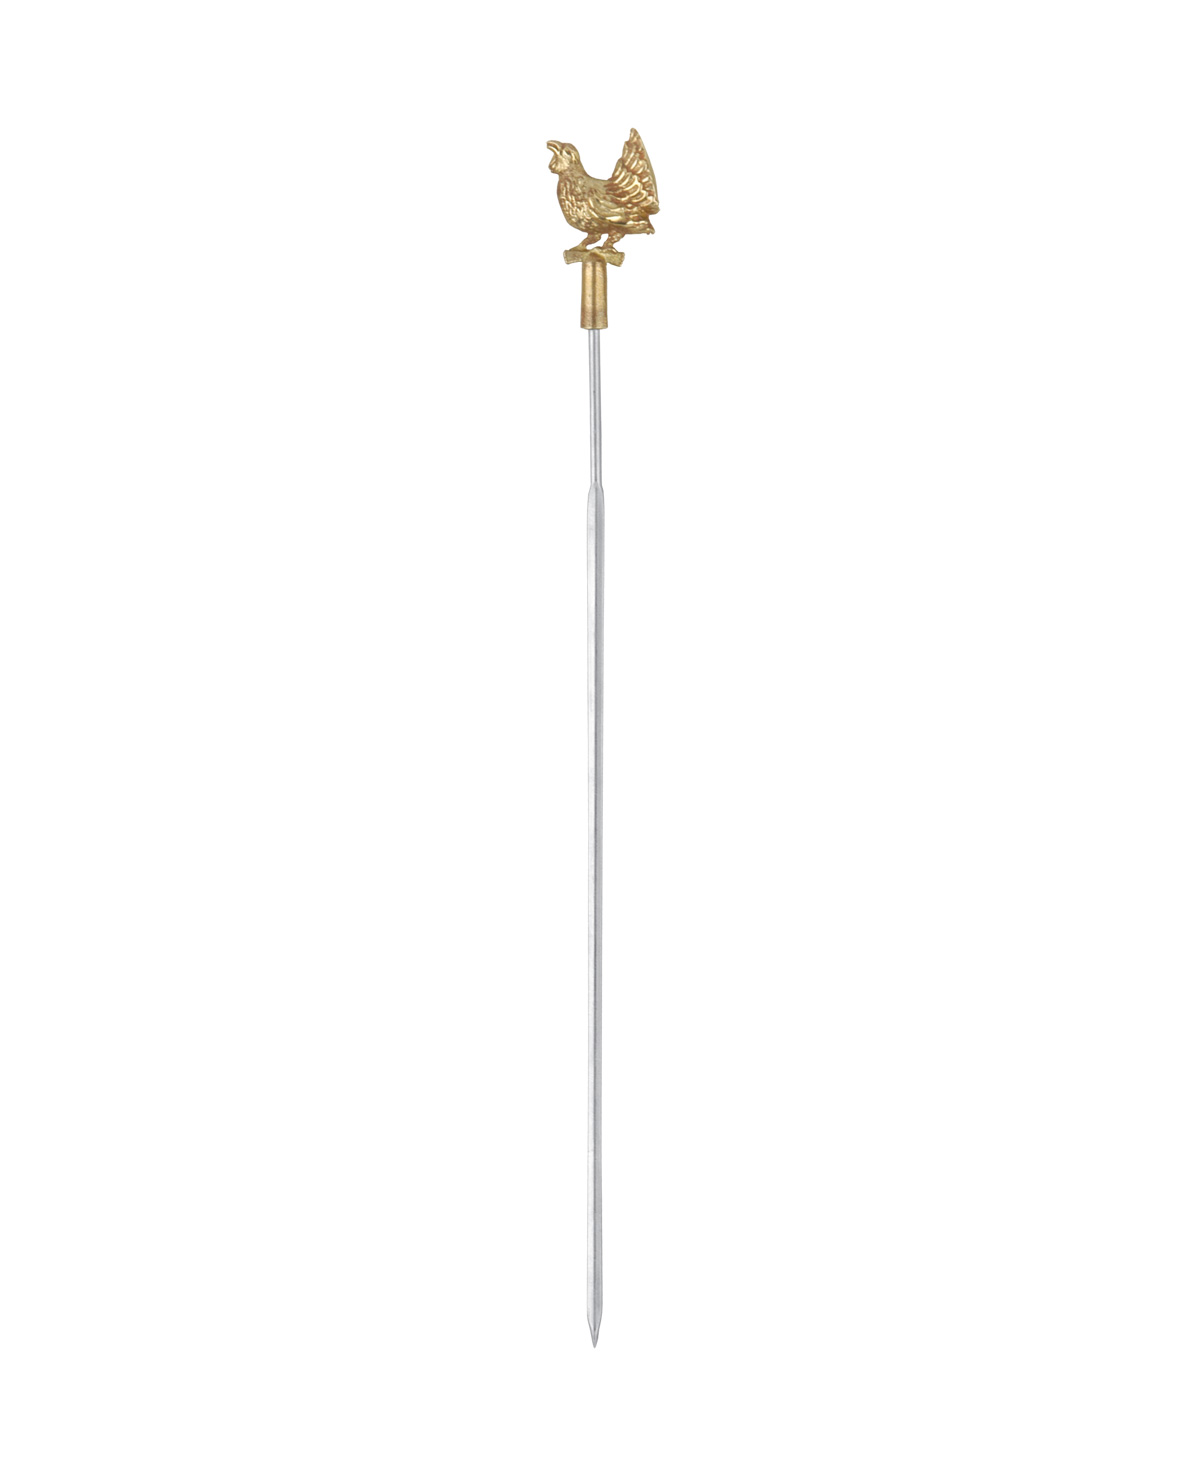 triangle Grillspieß Auerhahn mit Bronzekopf Made in Germany spitz Edelstahl flach